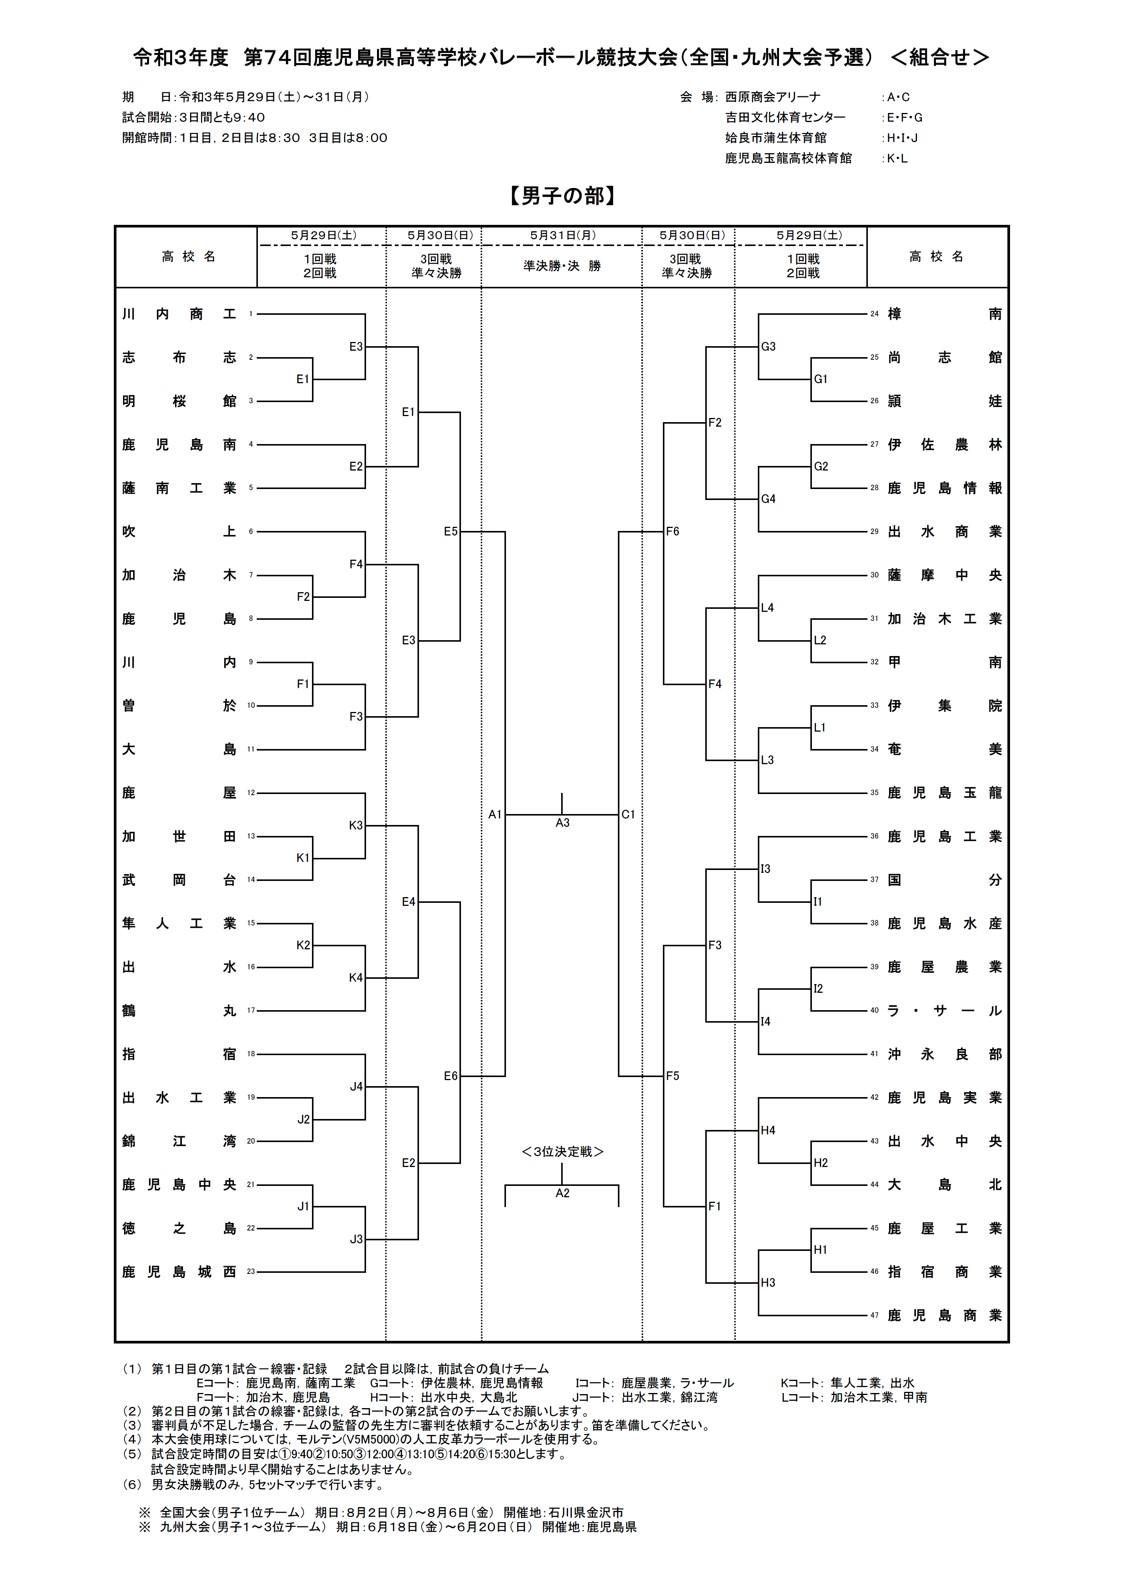 2021年度_インターハイ予選_鹿児島県予選_男子_組合せ